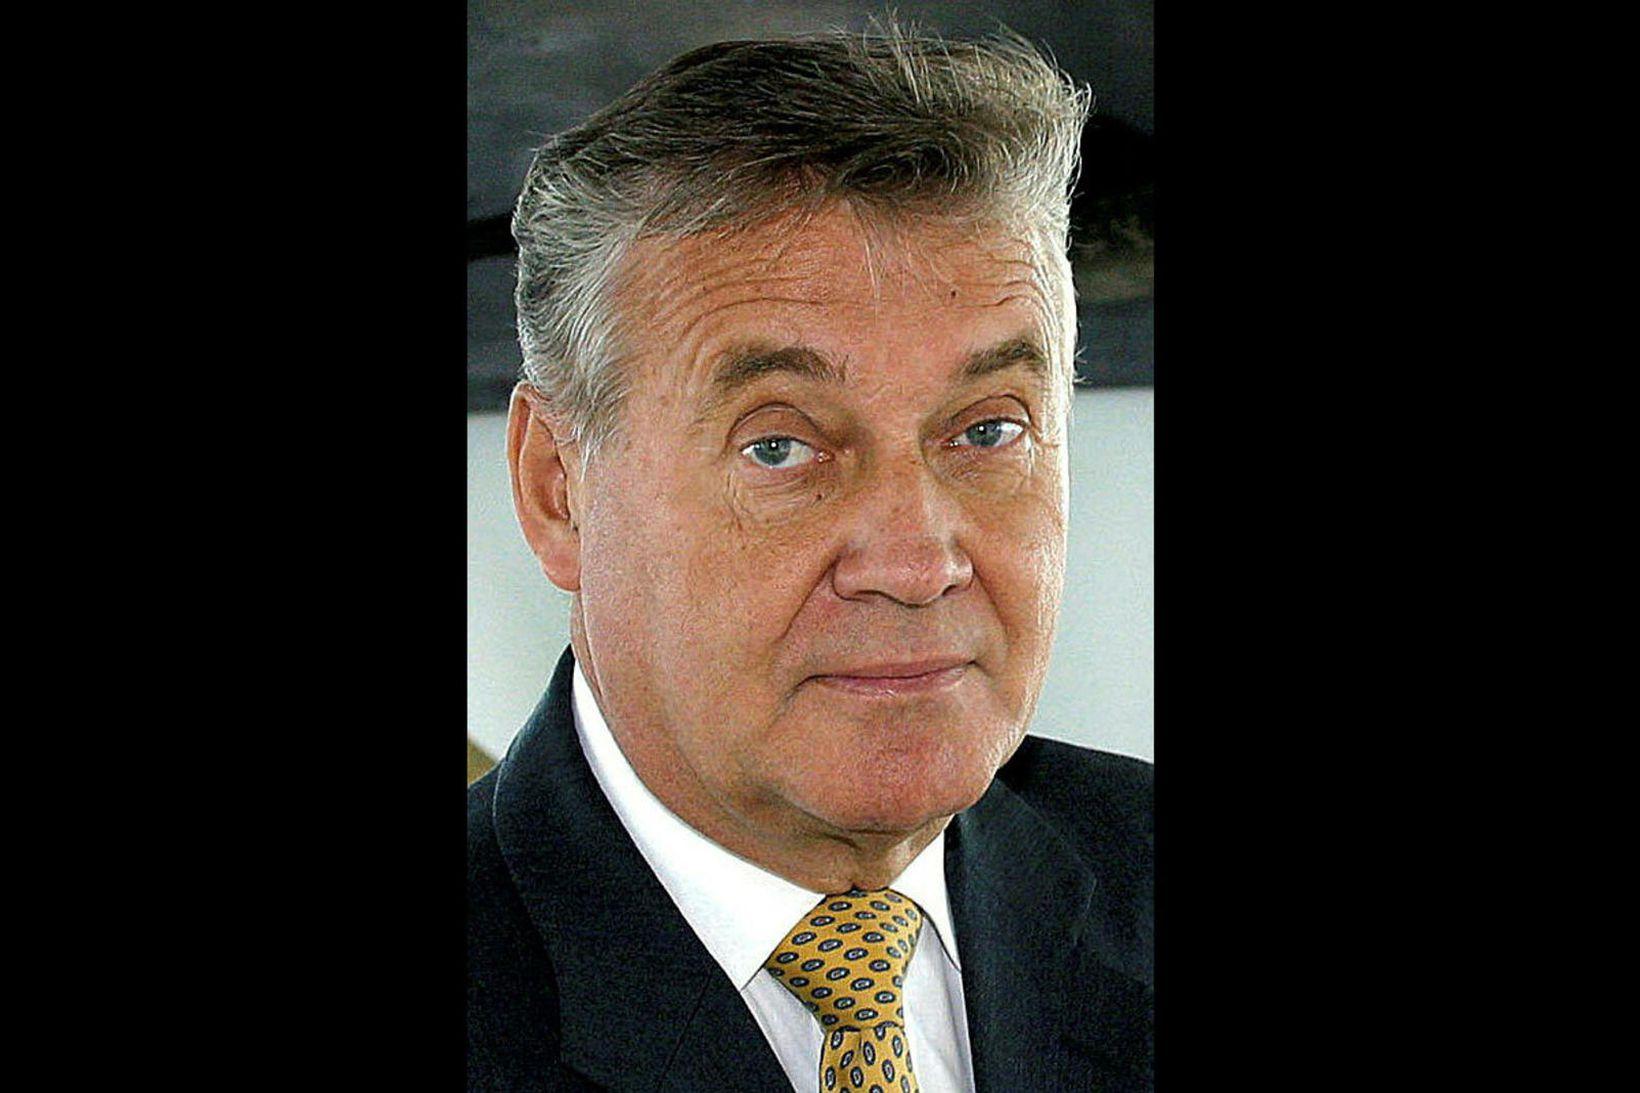 Alfreð Þorsteinsson.